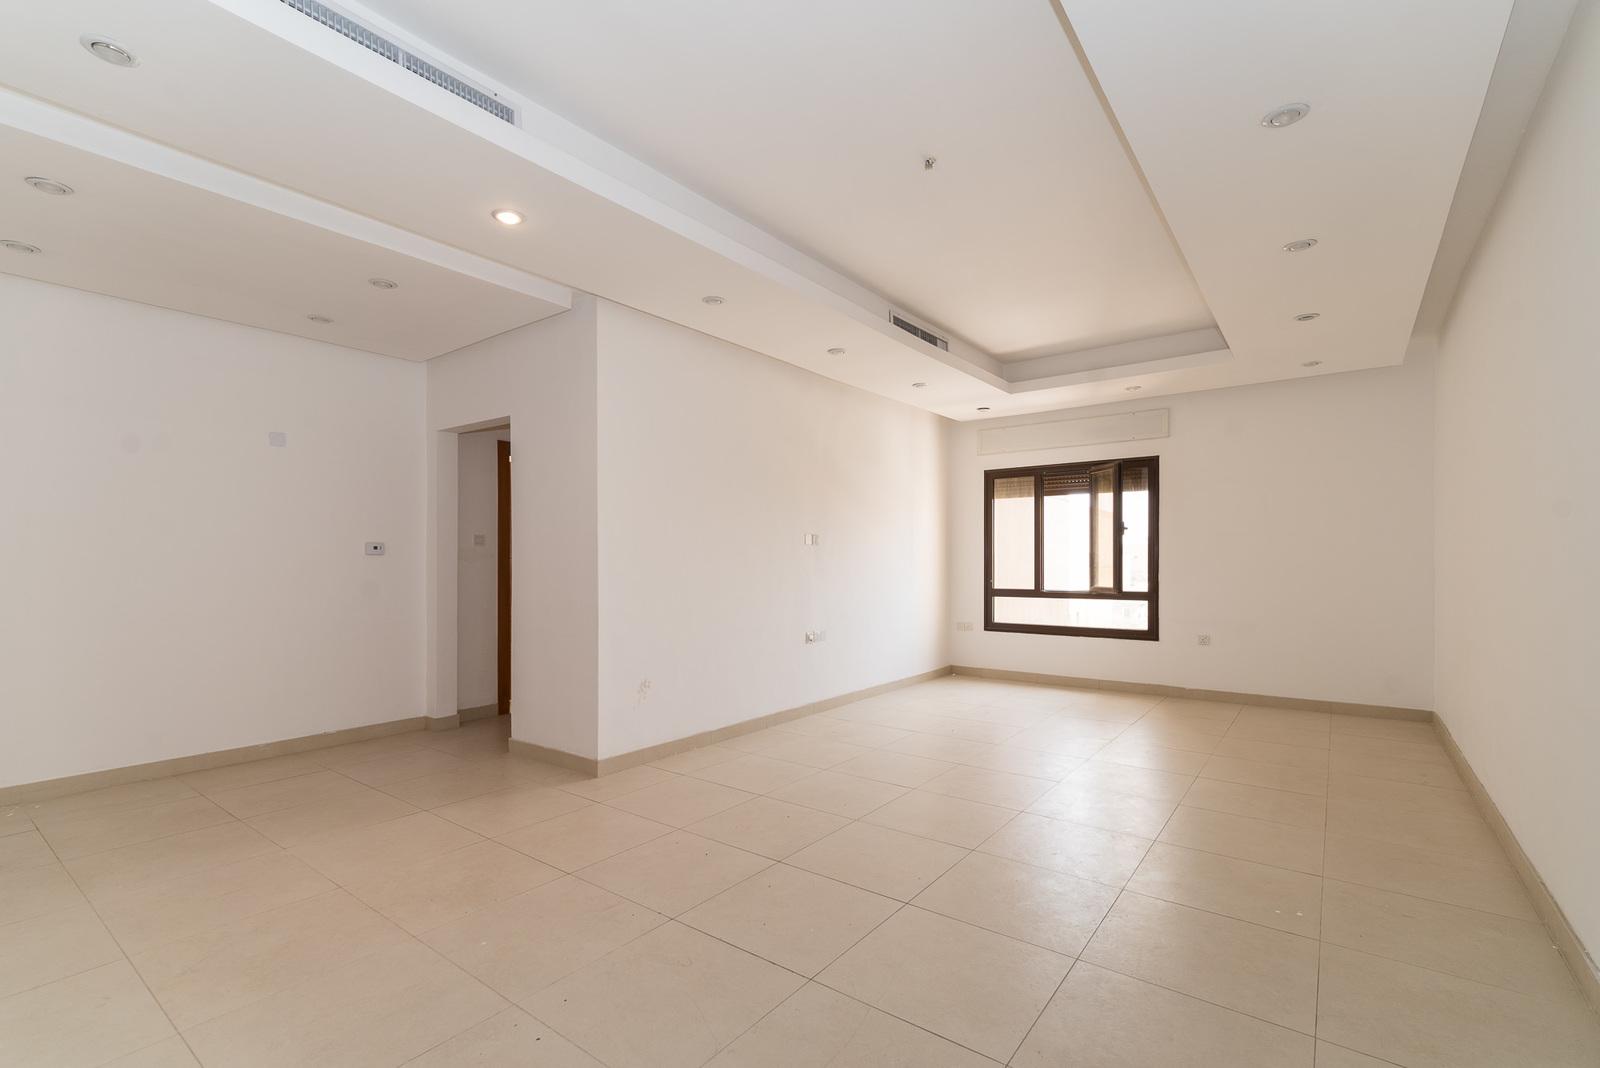 Rumathiya – unfurnished four bedroom apartments